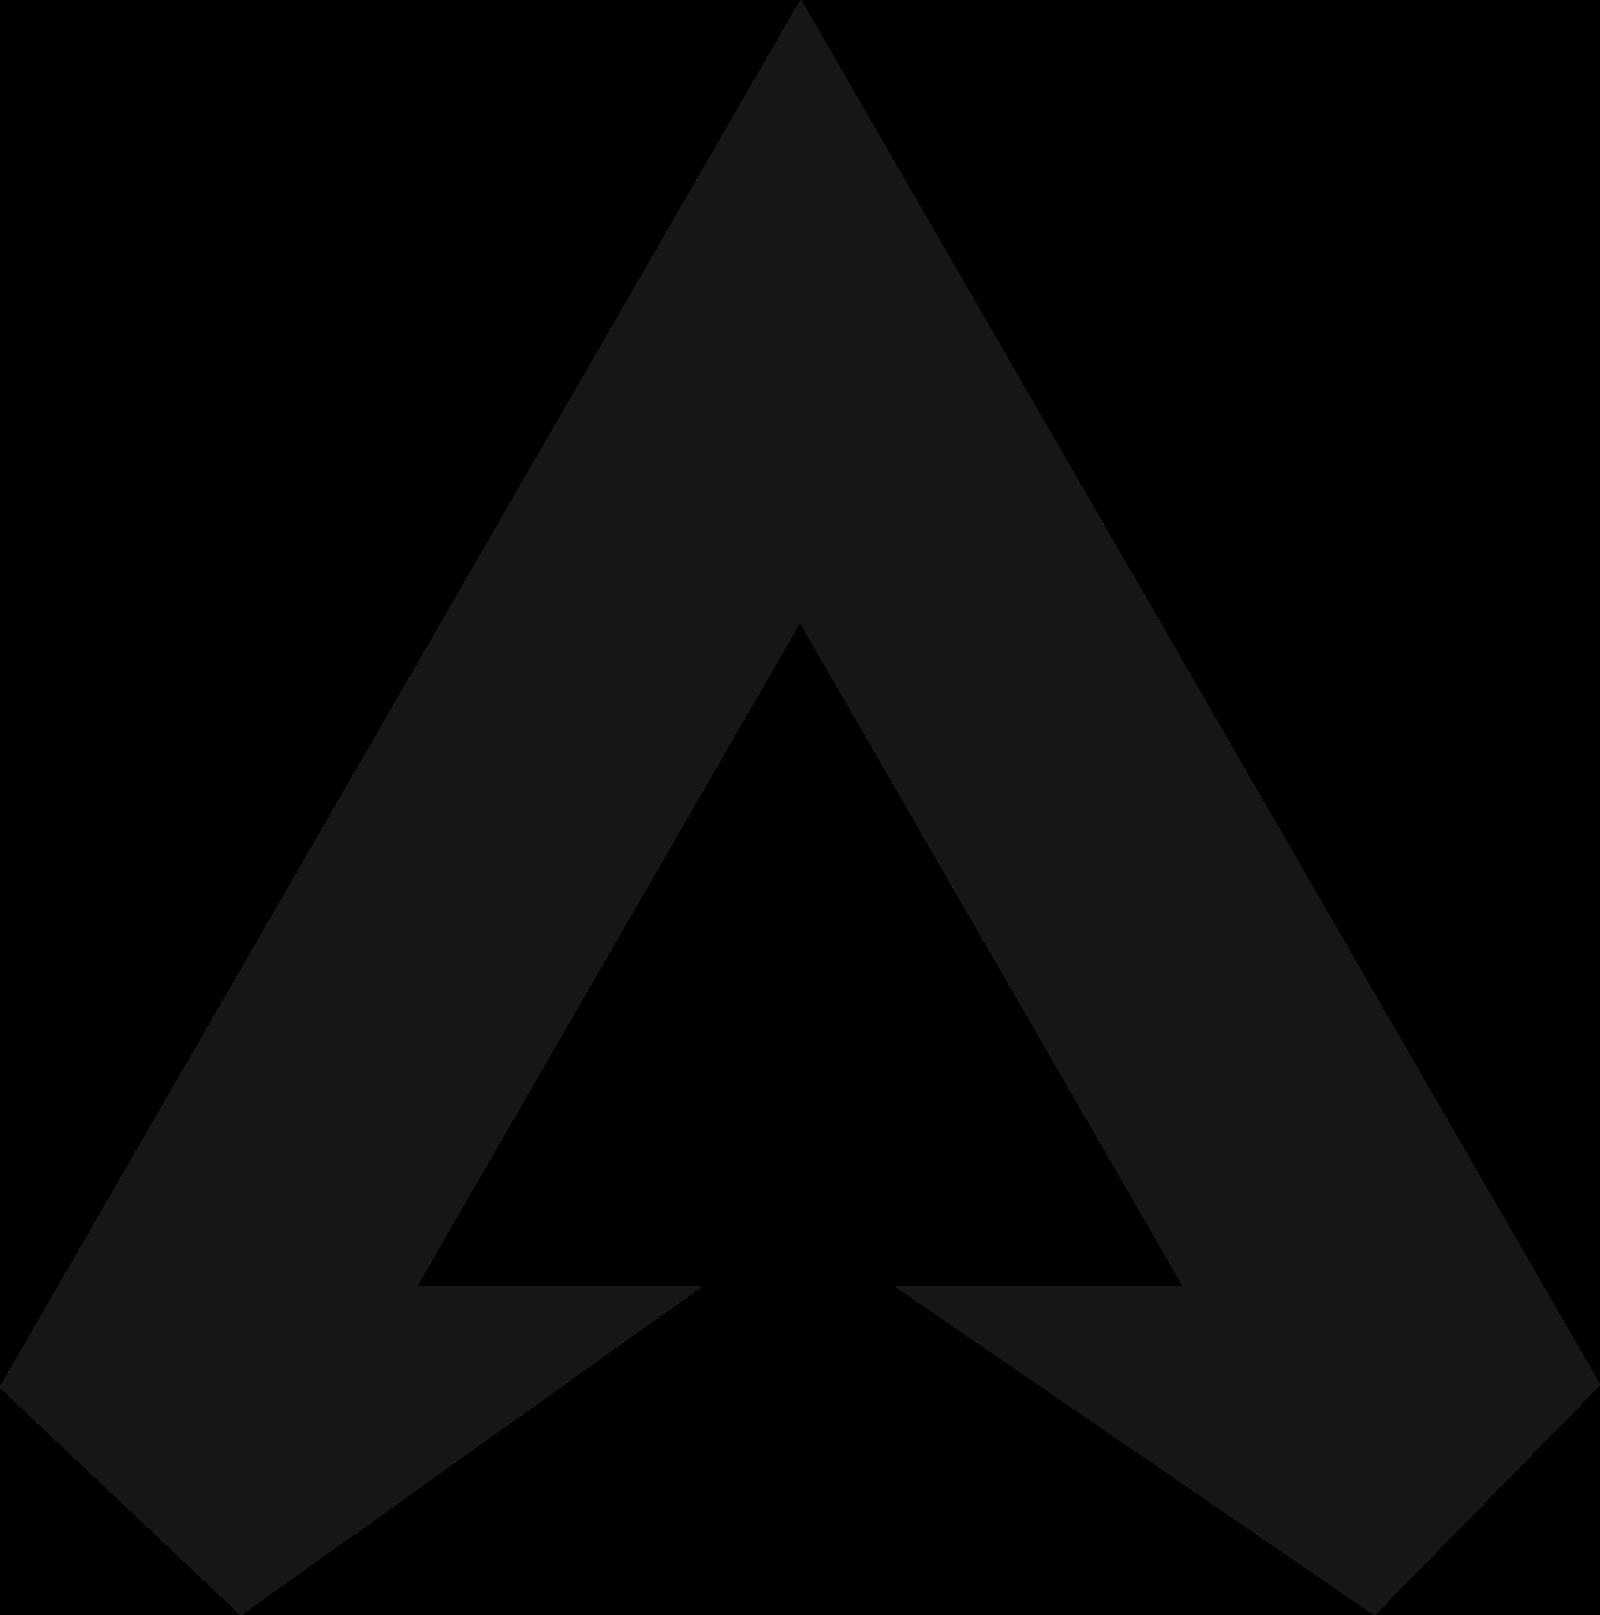 apex legends logo 5 - Apex Legends Logo